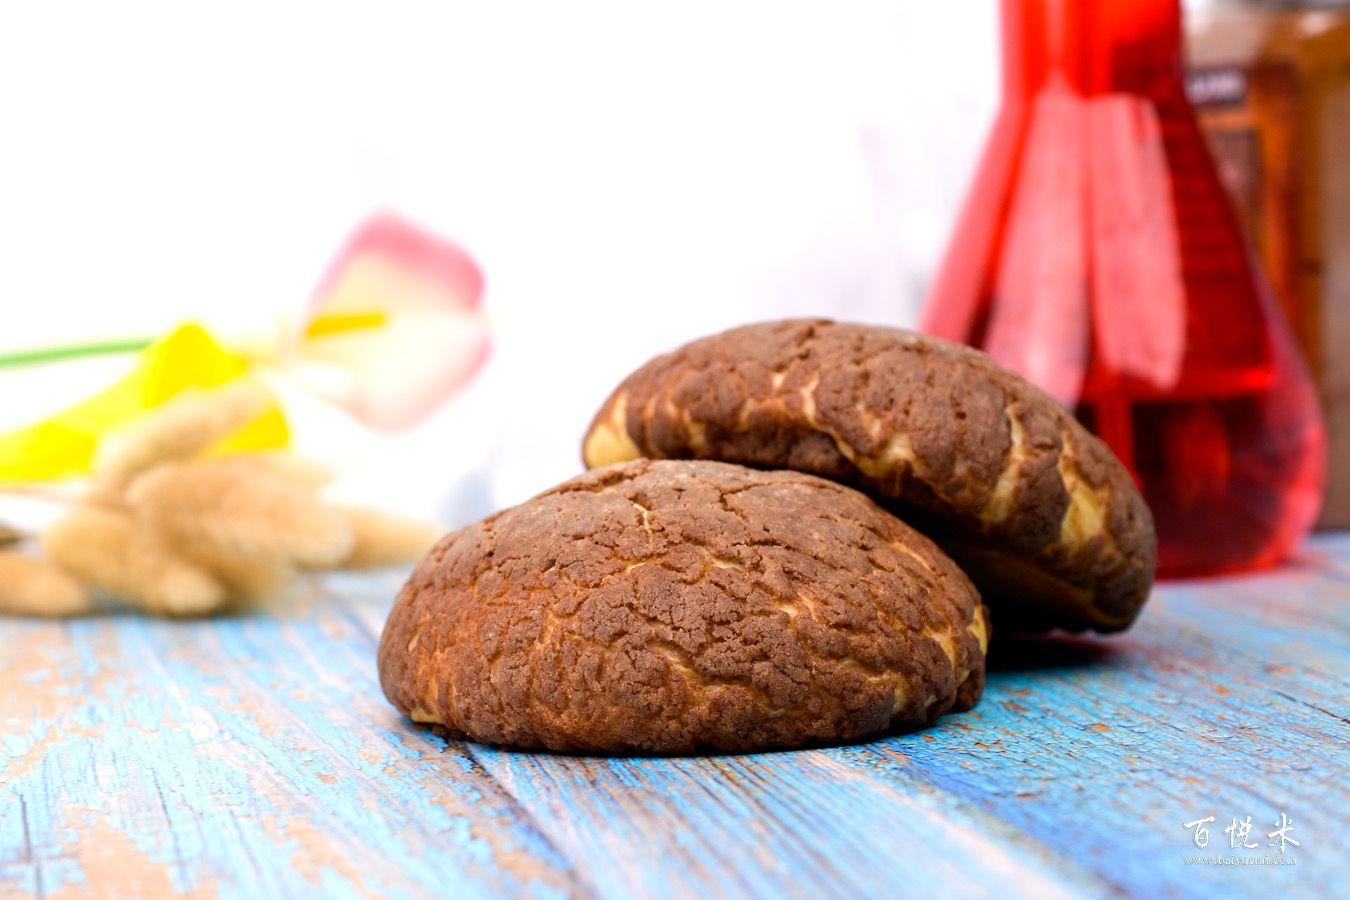 巧克力菠萝包的做法大全,巧克力菠萝包西点培训怎么做